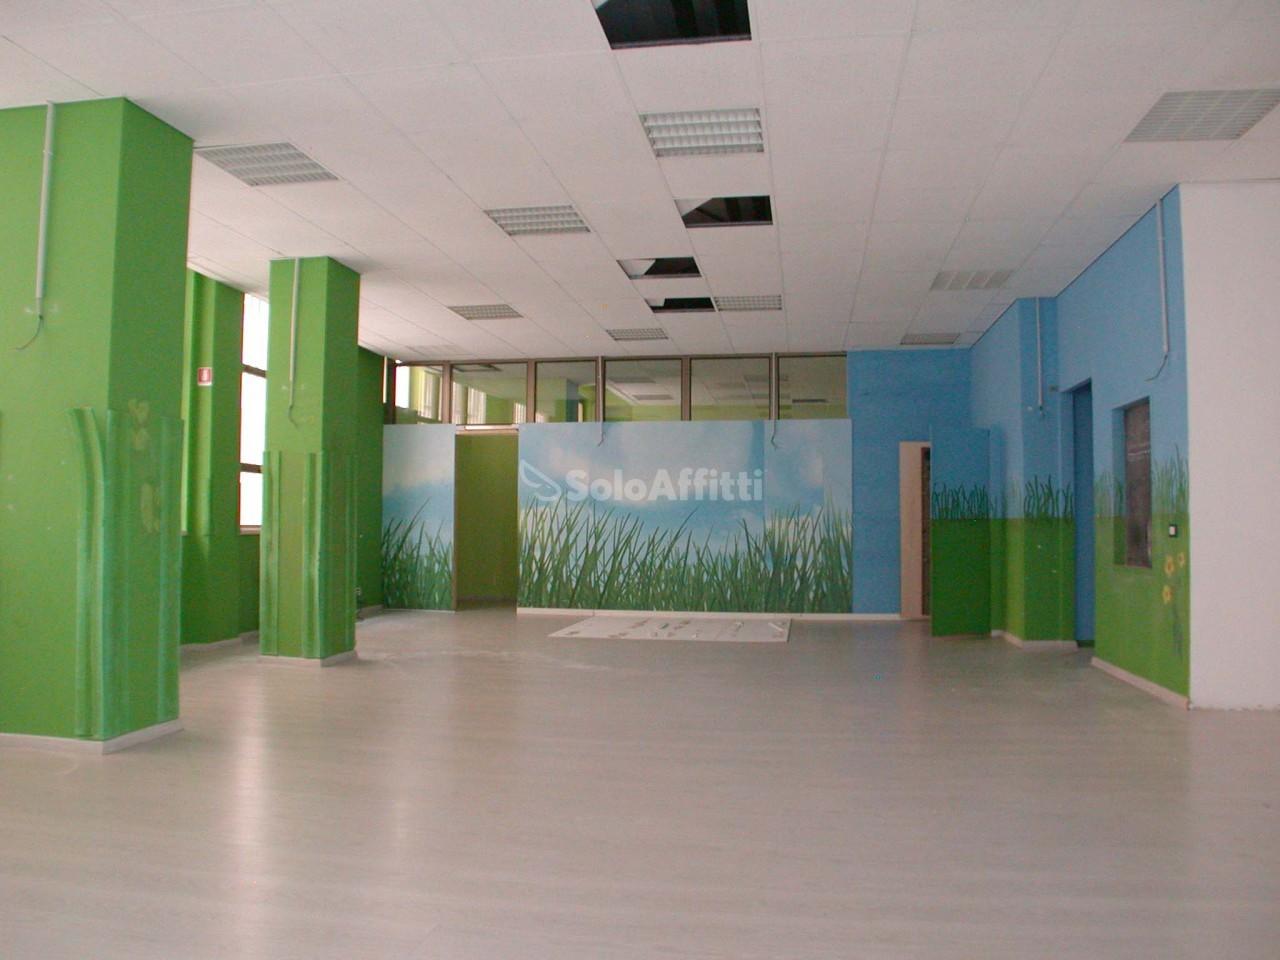 Fondo/negozio - 3 vetrine/luci a Centro Storico, Pesaro Rif. 4134937